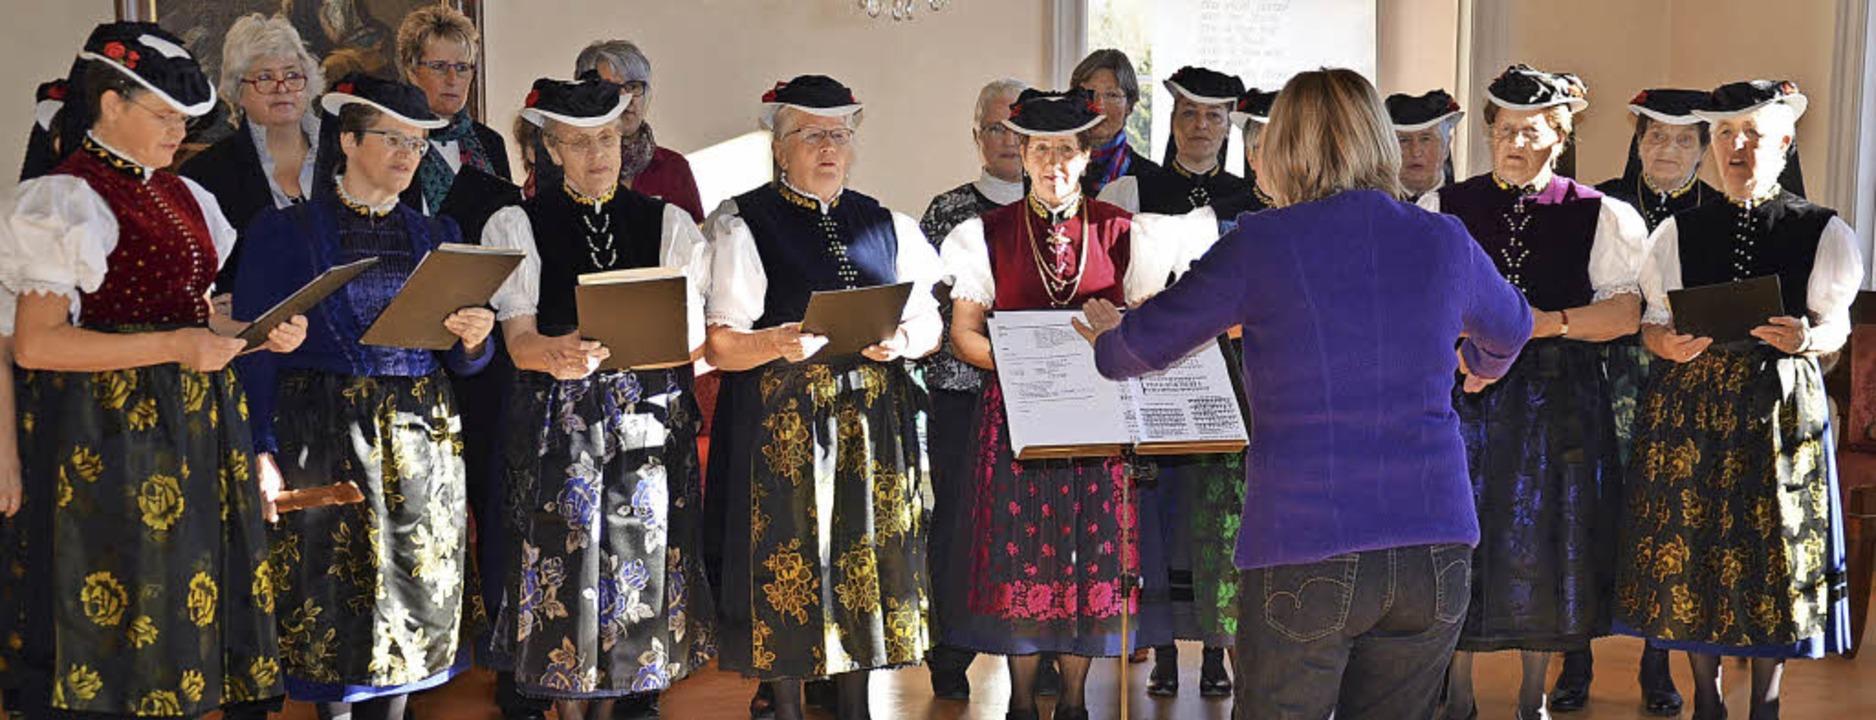 Das Chörle bei einem Auftritt im Fürstensaal   | Foto: Alexandra Wehrle